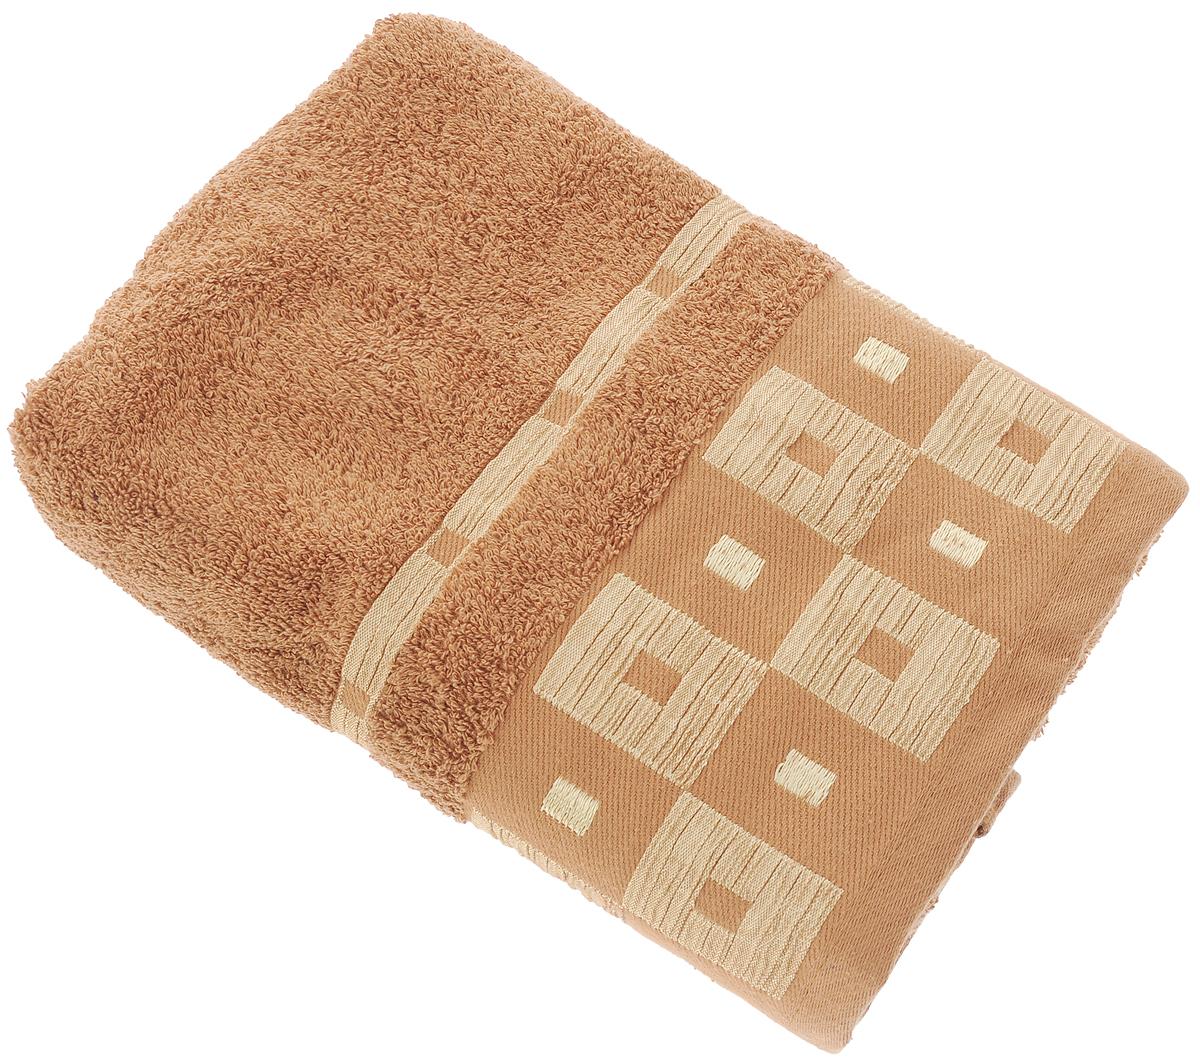 Полотенце Aisha Home Textile, цвет: коричневый, 70 х 140 смУзТ-ПМ-114-09-20кМахровые полотенца AISHA Home Textile идеальное сочетание цены и качества. Полотенца упакованы в стильную подарочную коробку. В состав входит только натуральное волокно - хлопок. Лаконичные бордюры подойдут для любого интерьера ванной комнаты. Полотенца прекрасно впитывает влагу и быстро сохнут. При соблюдении рекомендаций по уходу не линяют и не теряют форму даже после многократных стирок.Состав: 100% хлопок.